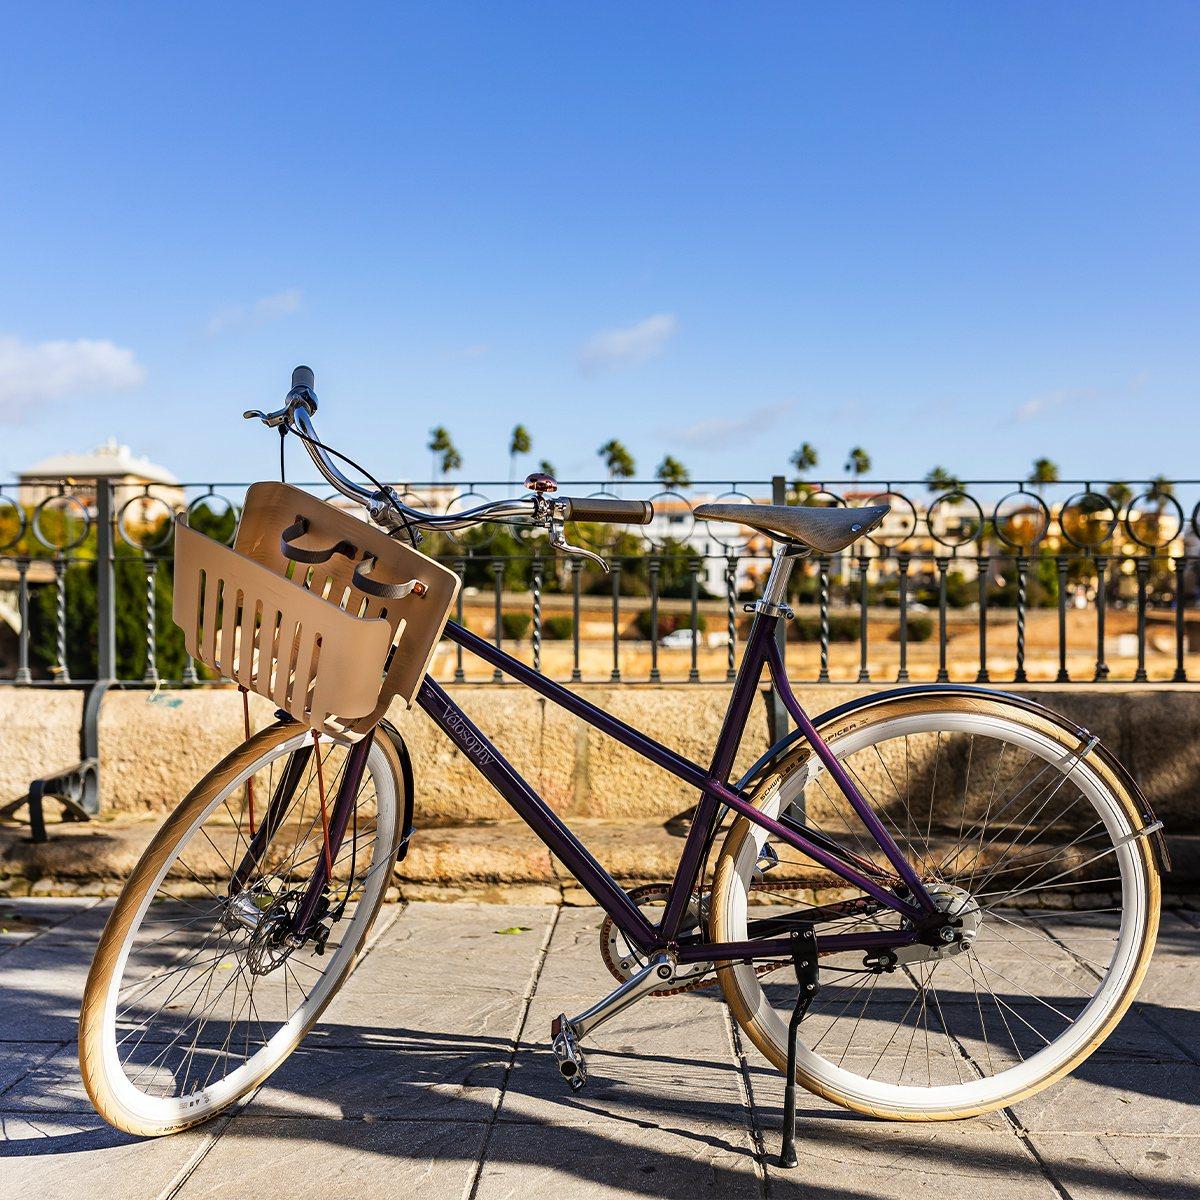 膠囊咖啡機品牌Nespresso與腳踏車商合作,用回收膠囊製造腳踏車。圖取自Vé...